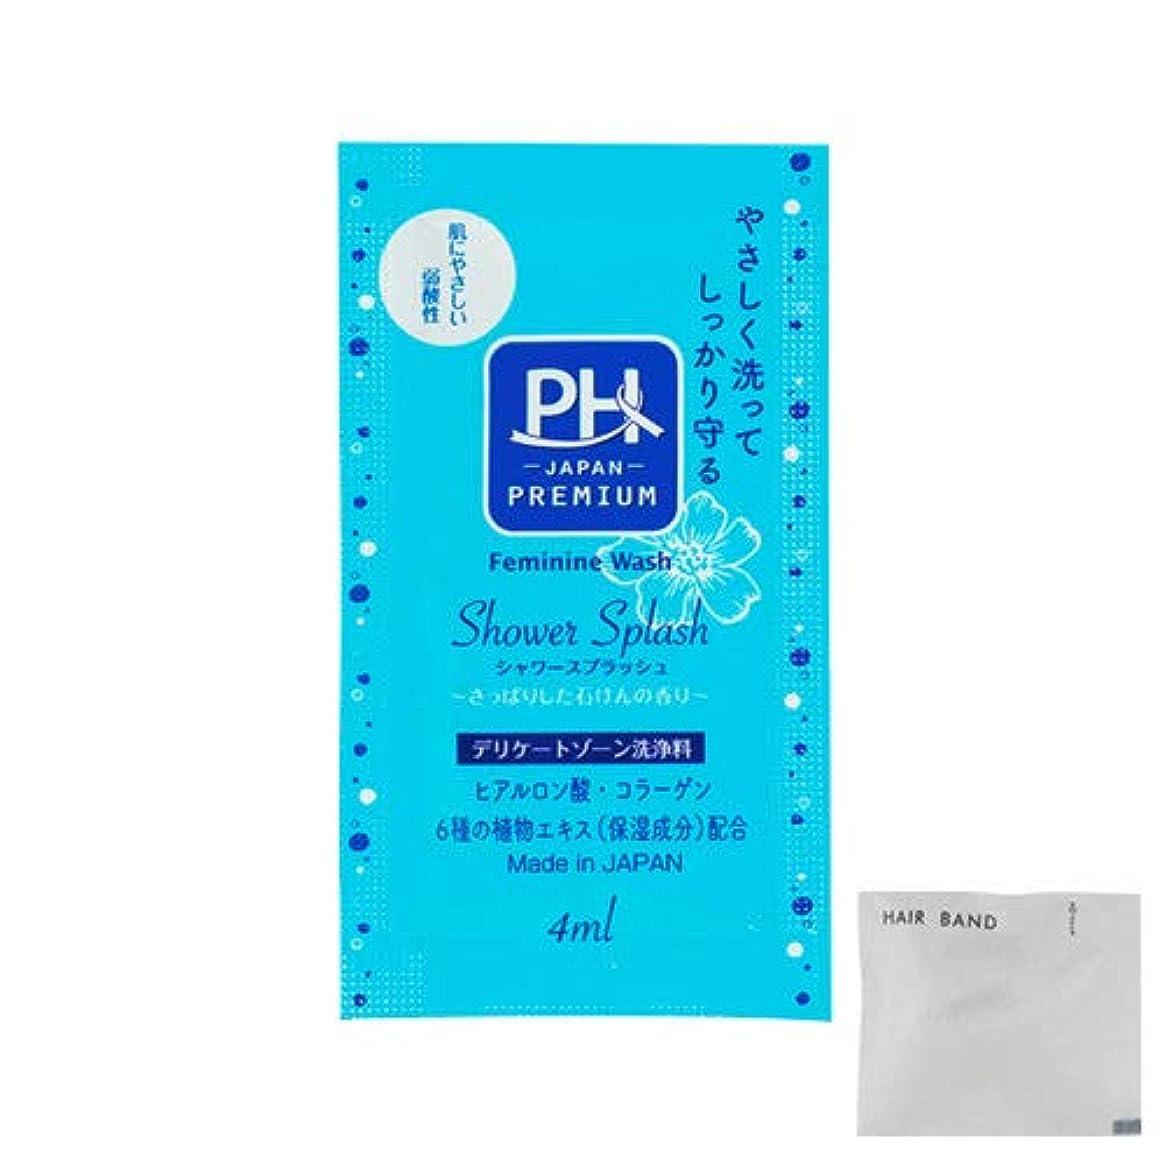 ムスアンプ補正PH JAPAN プレミアム フェミニンウォッシュ シャワースプラッシュ 4mL(お試し用)×20個 + ヘアゴム(カラーはおまかせ)セット